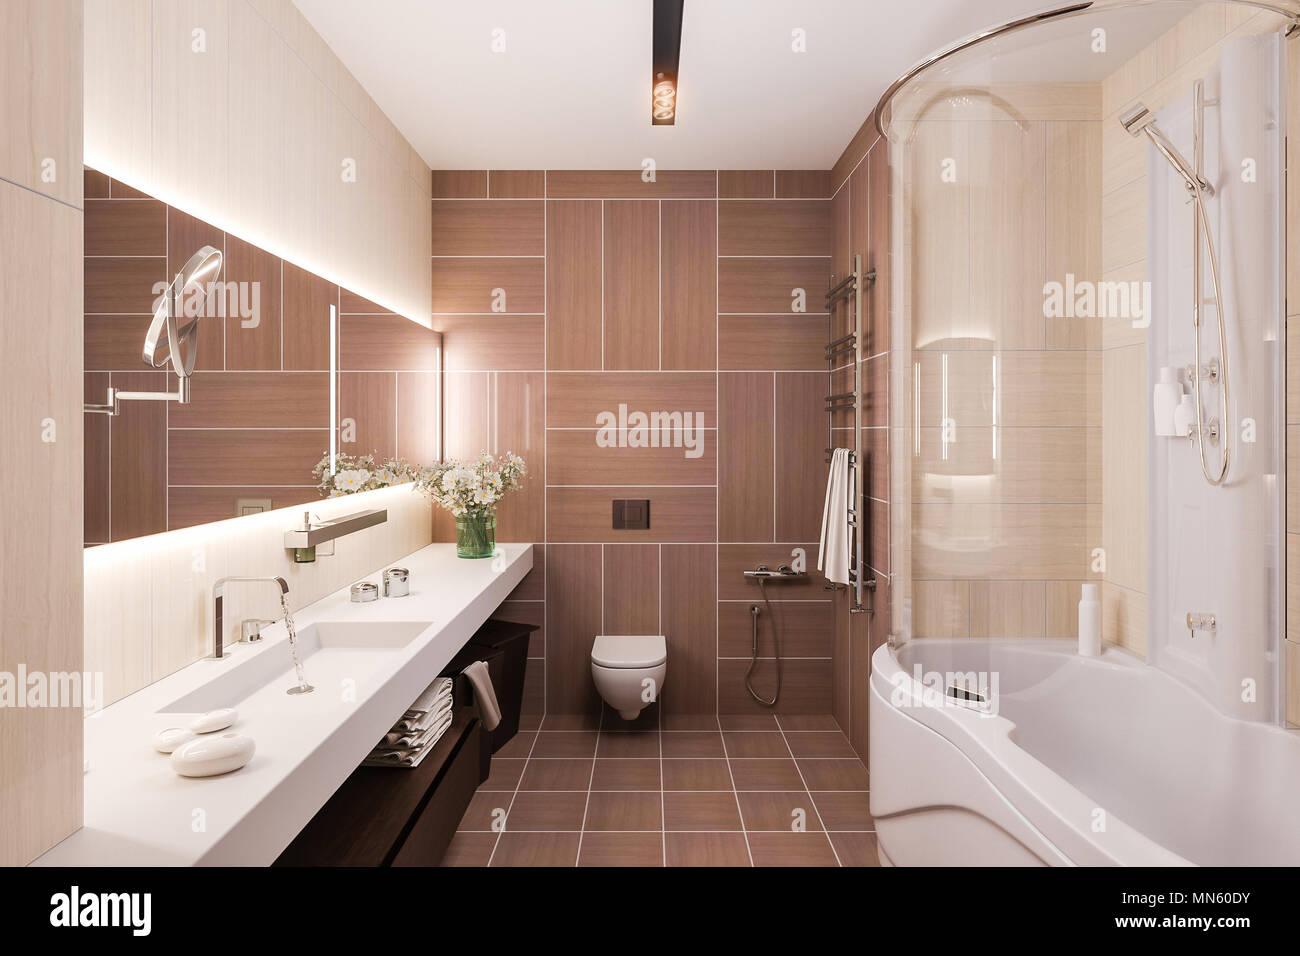 El diseño interior de un moderno cuarto de baño con un gran ...